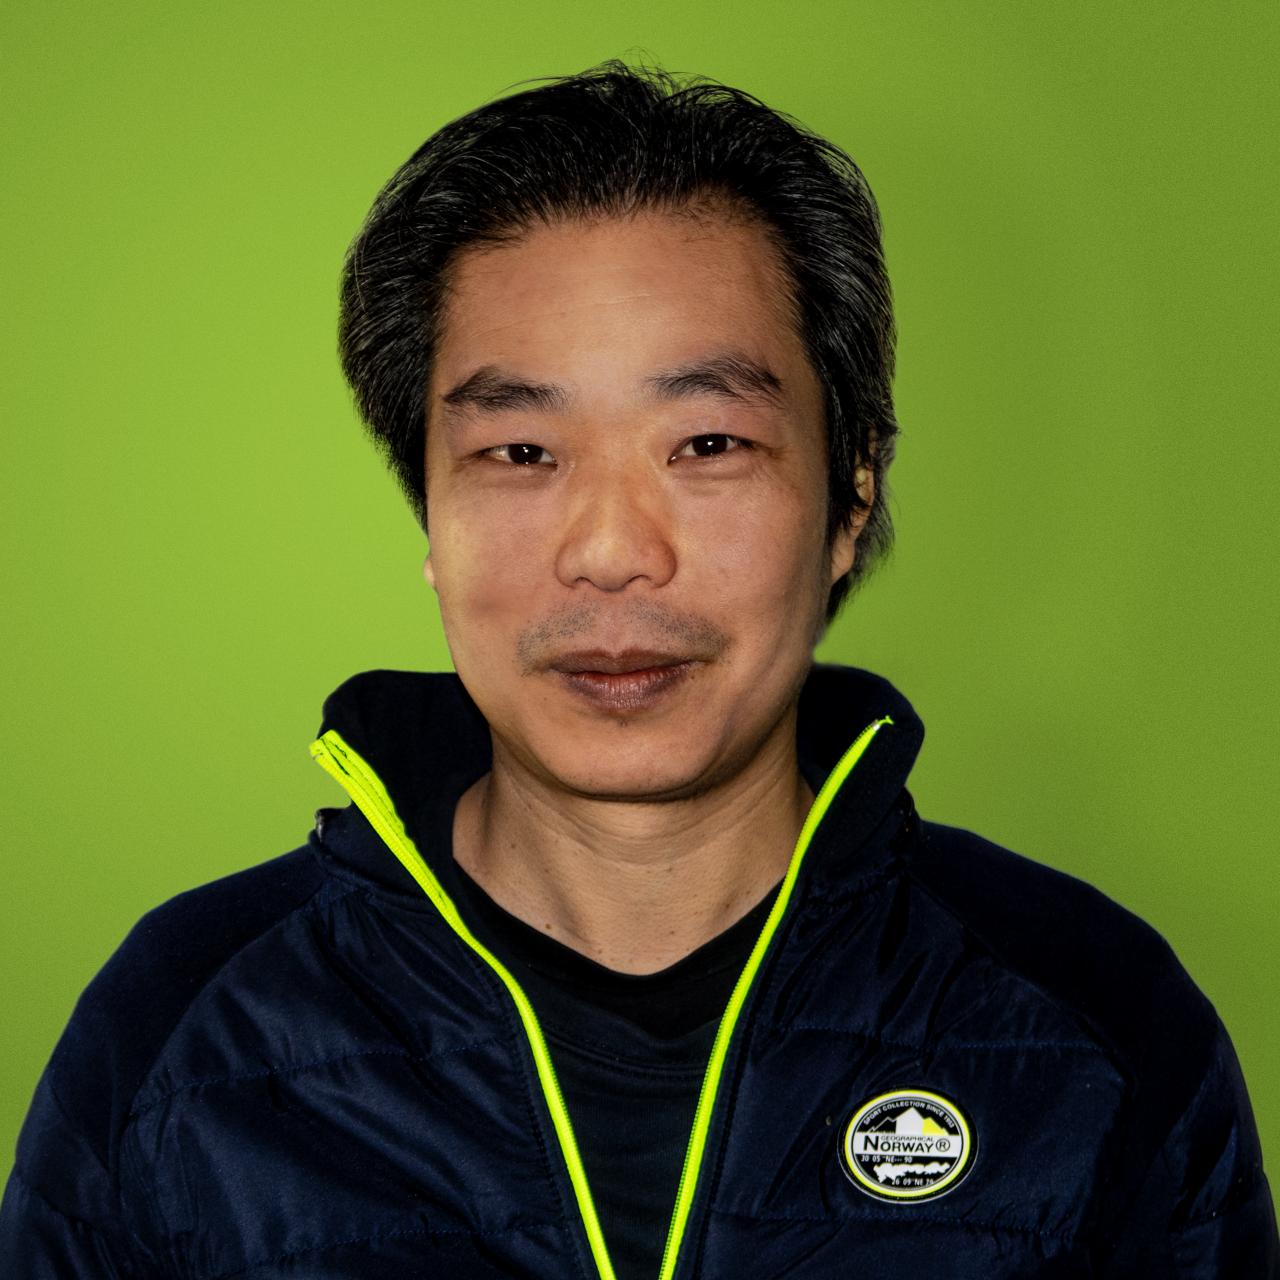 Lienus Nguyen